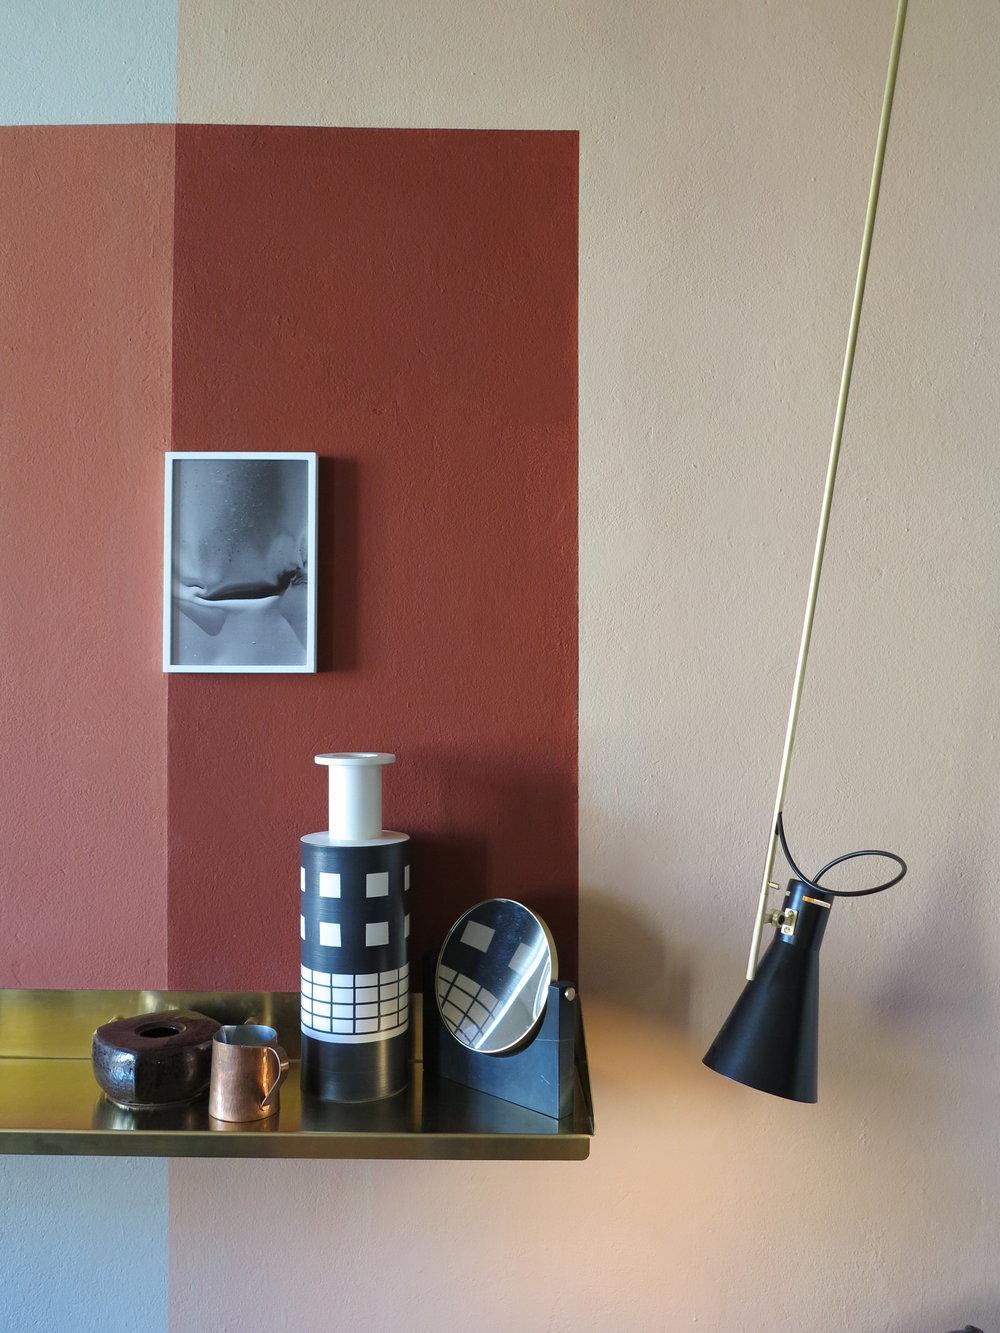 Studio Pepe Brera design apartment